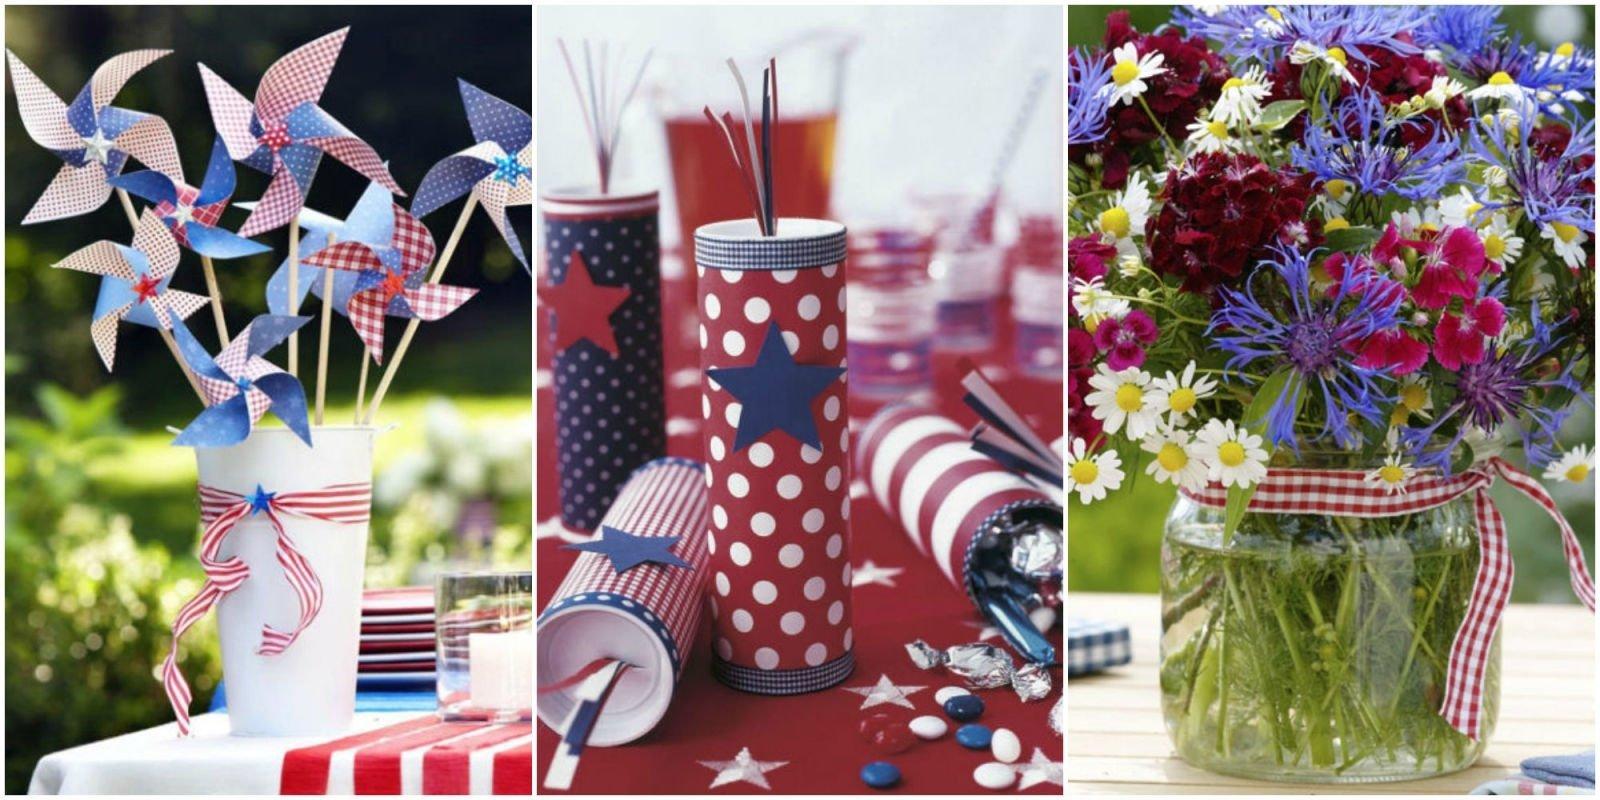 4th of july decoration İdeas – diy cute ideas